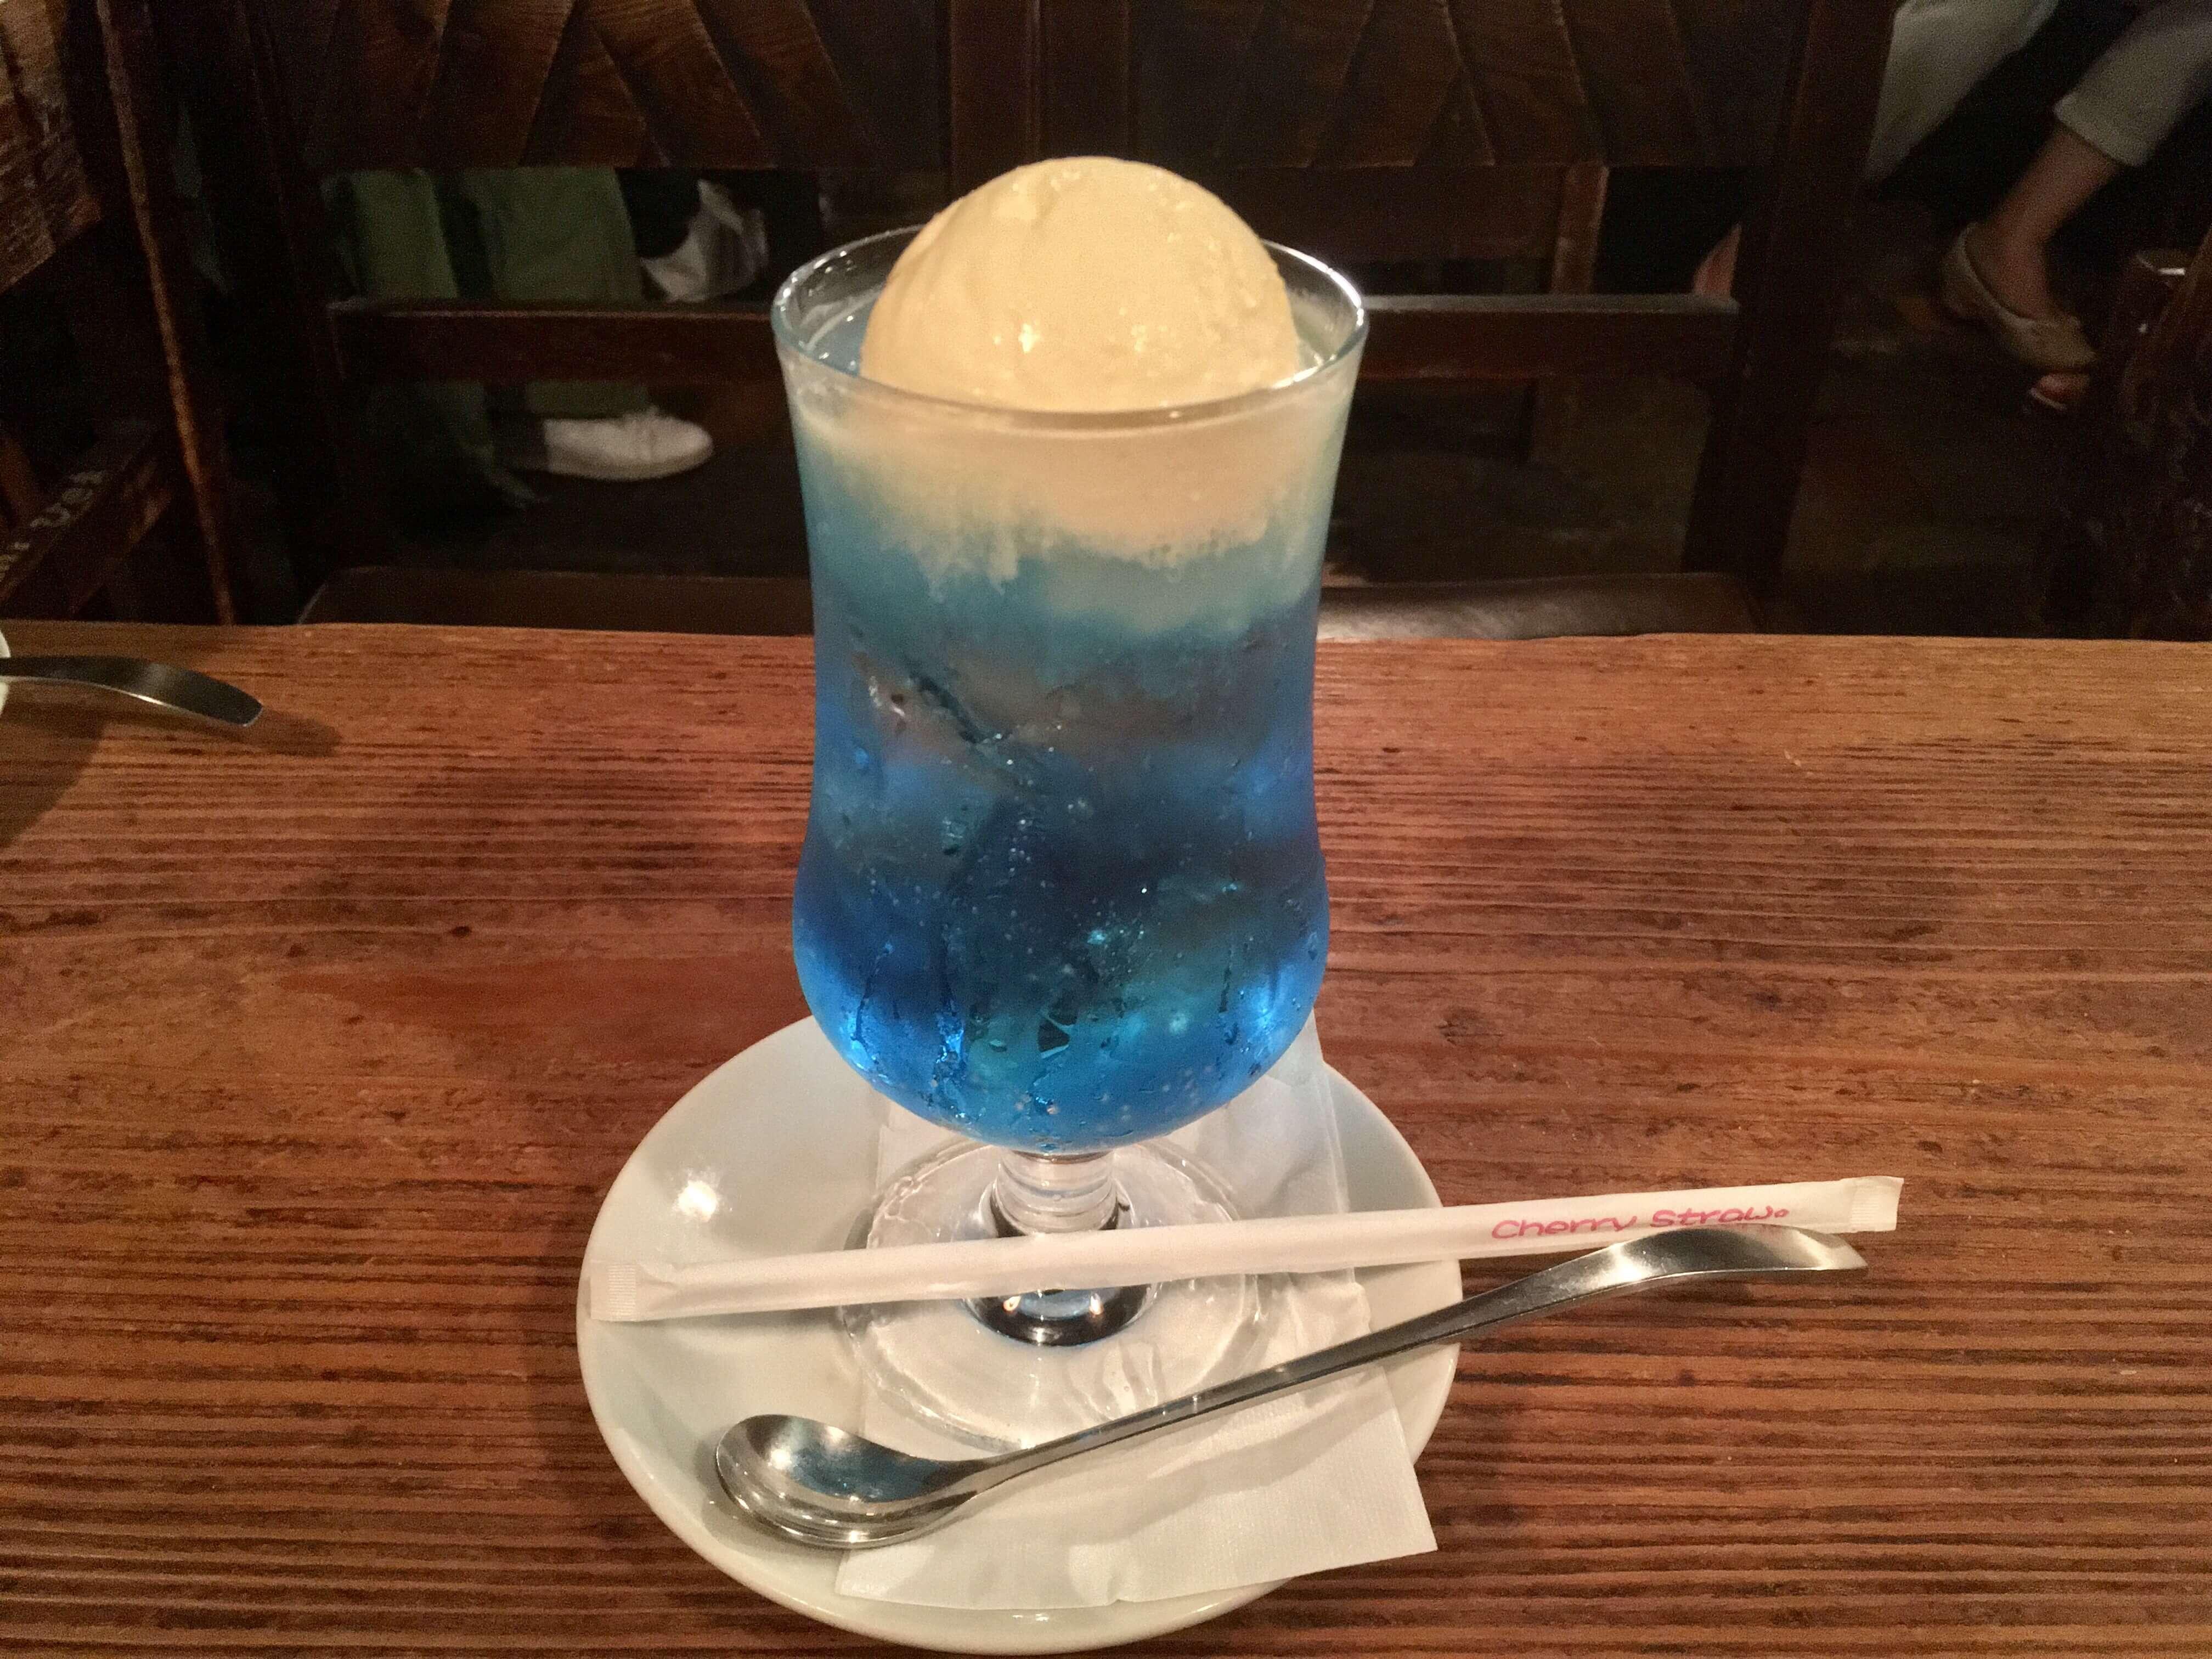 虹色のクリームソーダを求めて、老舗喫茶さぼうるへ(クリームソーダ調査隊 Vol.1)